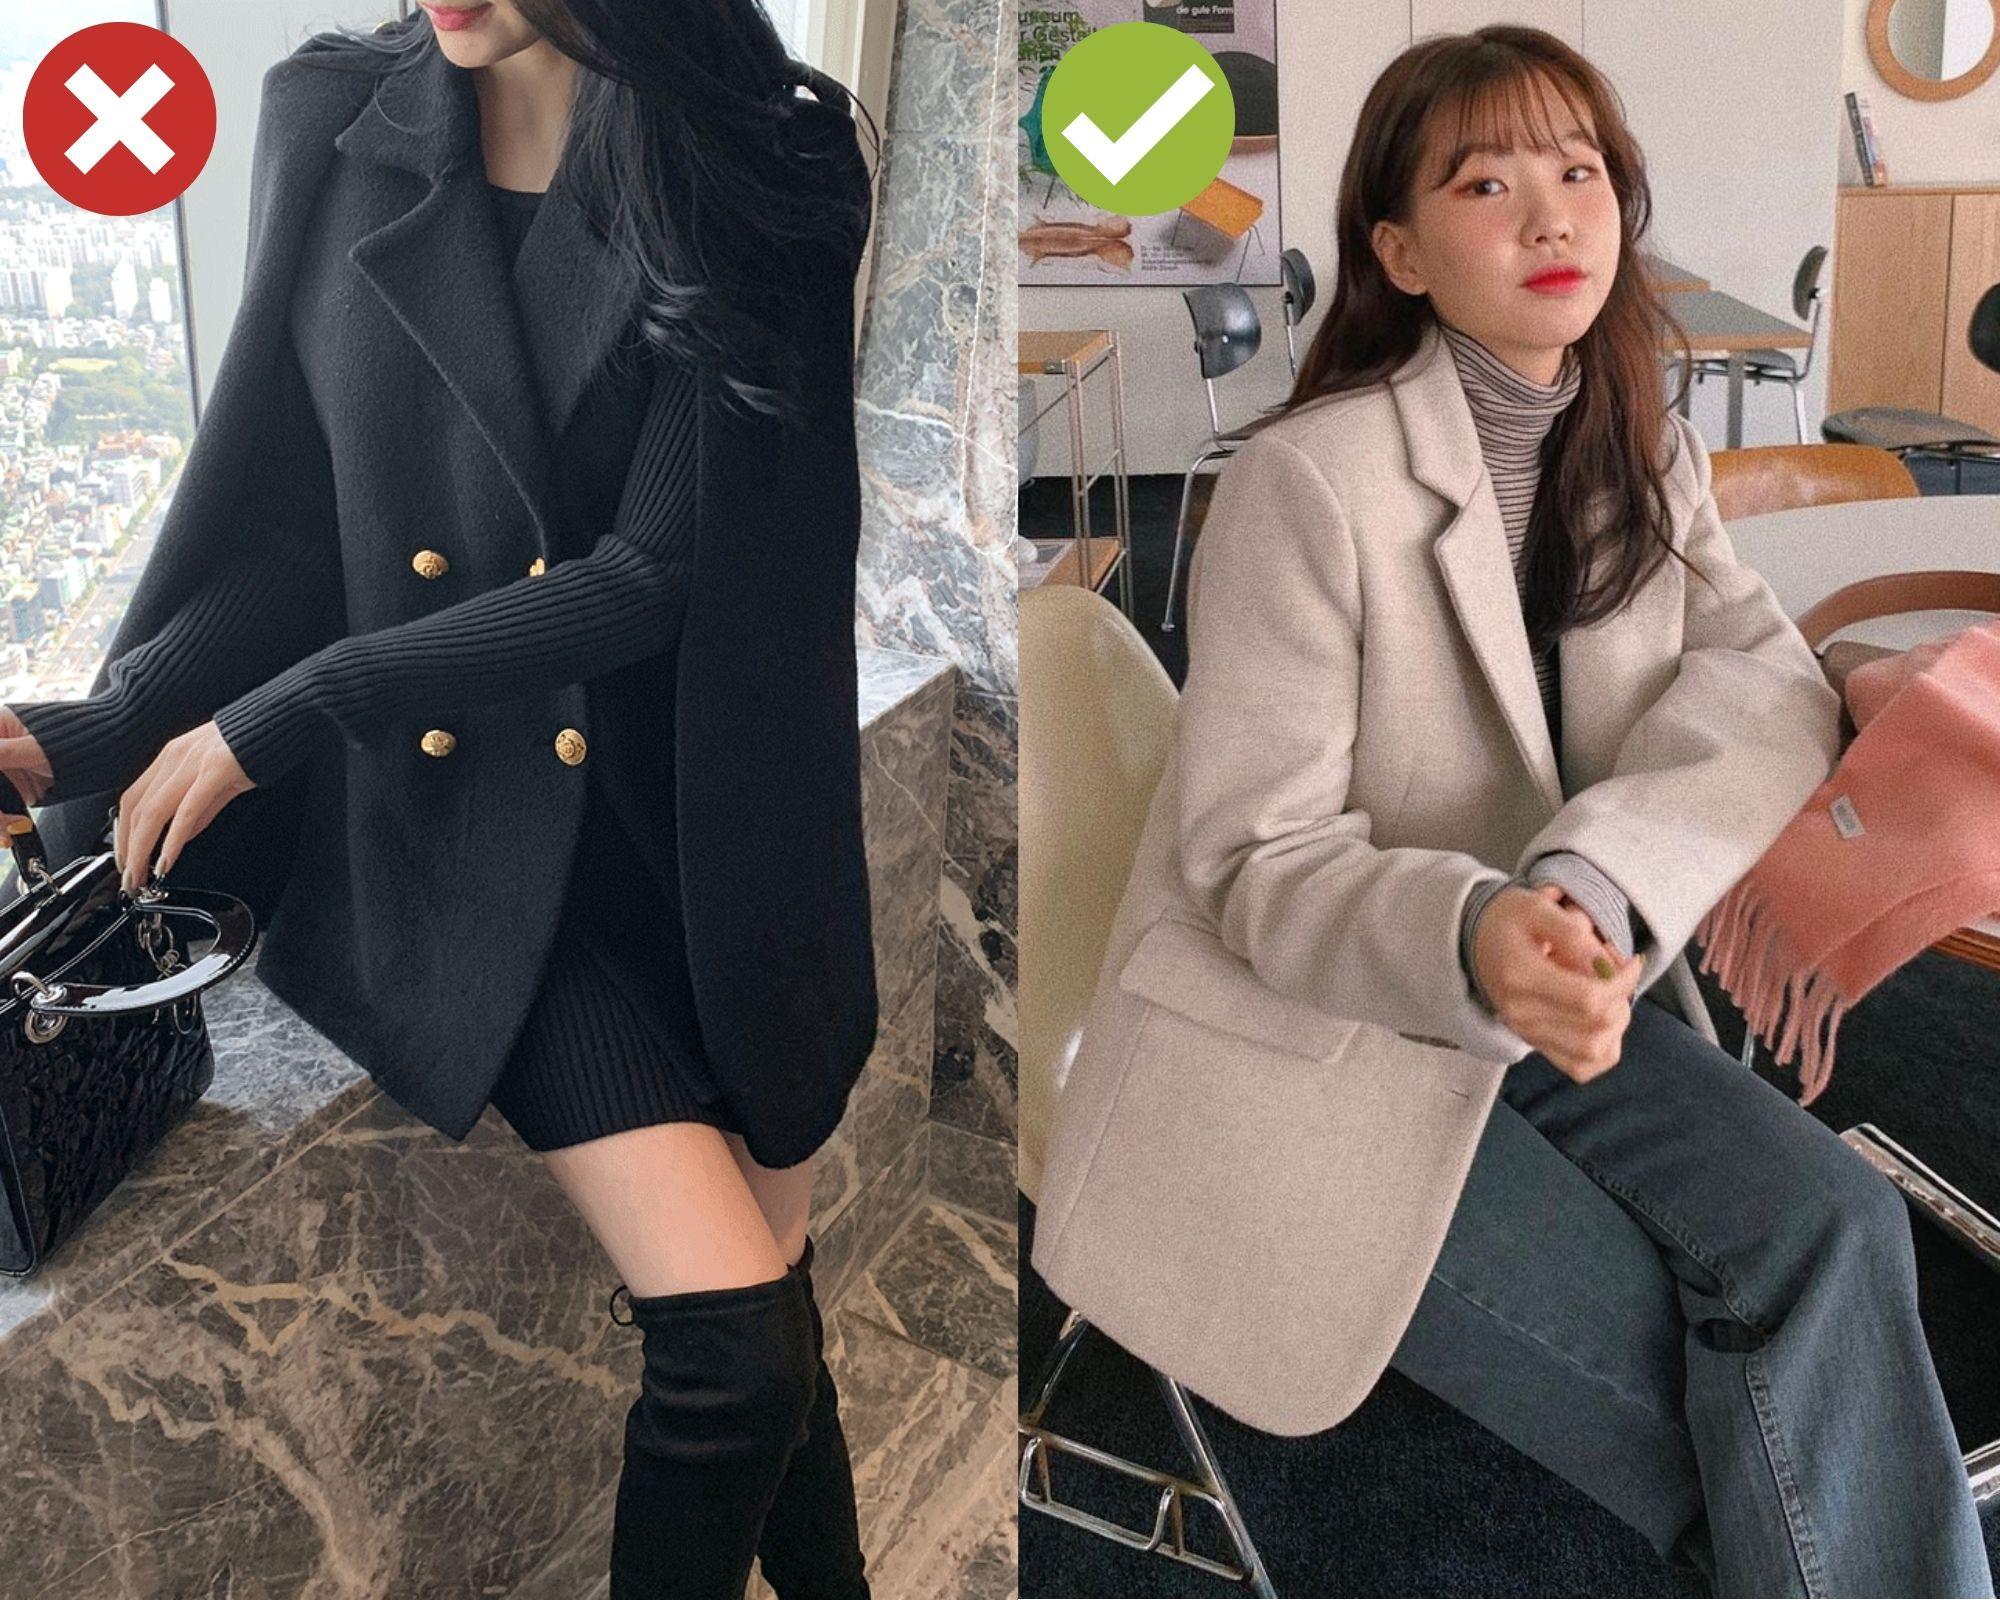 4 kiểu áo khoác mua chỉ phí tiền vì mặc lên vừa già, vừa làm sa sút trầm trọng phong độ mặc đẹp - Ảnh 4.